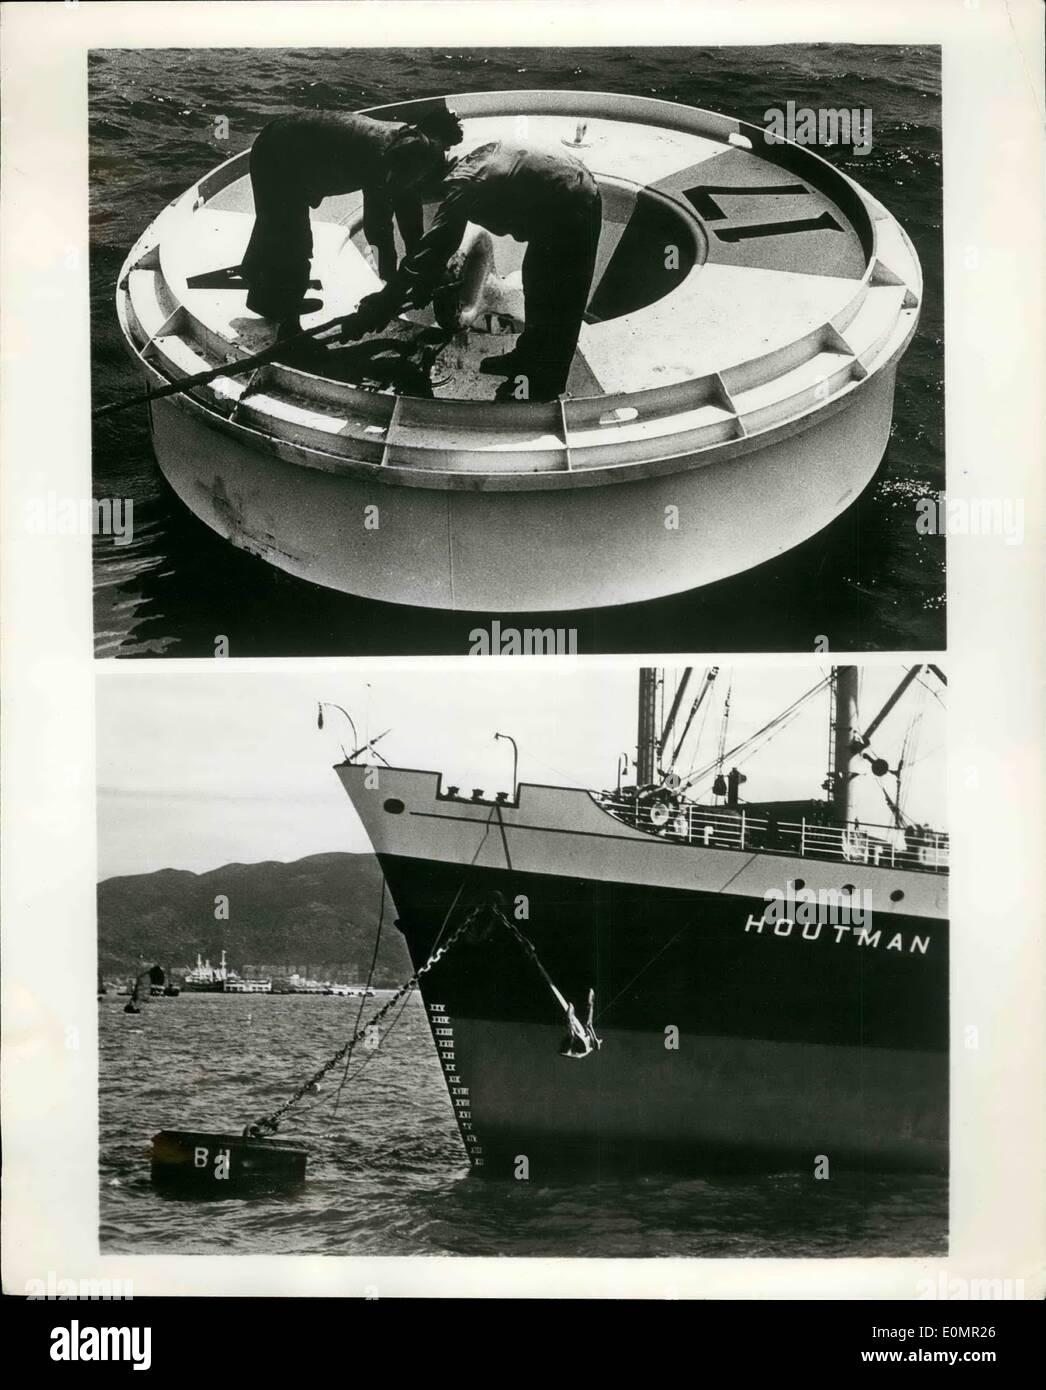 : 5. Mai 1956 - Boje Roving Eye als schmeckte im Taifun fegte Hafen von Hong Kong ist eine neue britische Boje behauptete, Liegeplatz schneller und effizienter und sicherer für Schiffe und Besatzung zu machen. Ein Merkmal der Boje ist seine '' Liegeplatz Auge '' versichert, die sofortige Verbindung immer bei '' offen '' und Schlange, sofort mit der Zugrichtung der Liegeplatz. Die Boje wird auch behauptet, zu tun, Weg mit Kette-Anhänger reiben und tragen. Foto zeigt die neue Boje in Hong Kong Hafen in Nahaufnahme und totale im Einsatz. Hersteller: Lambert Garland Liegeplätze Ltd., Killearn, Glasgow, Schottland. Stockbild